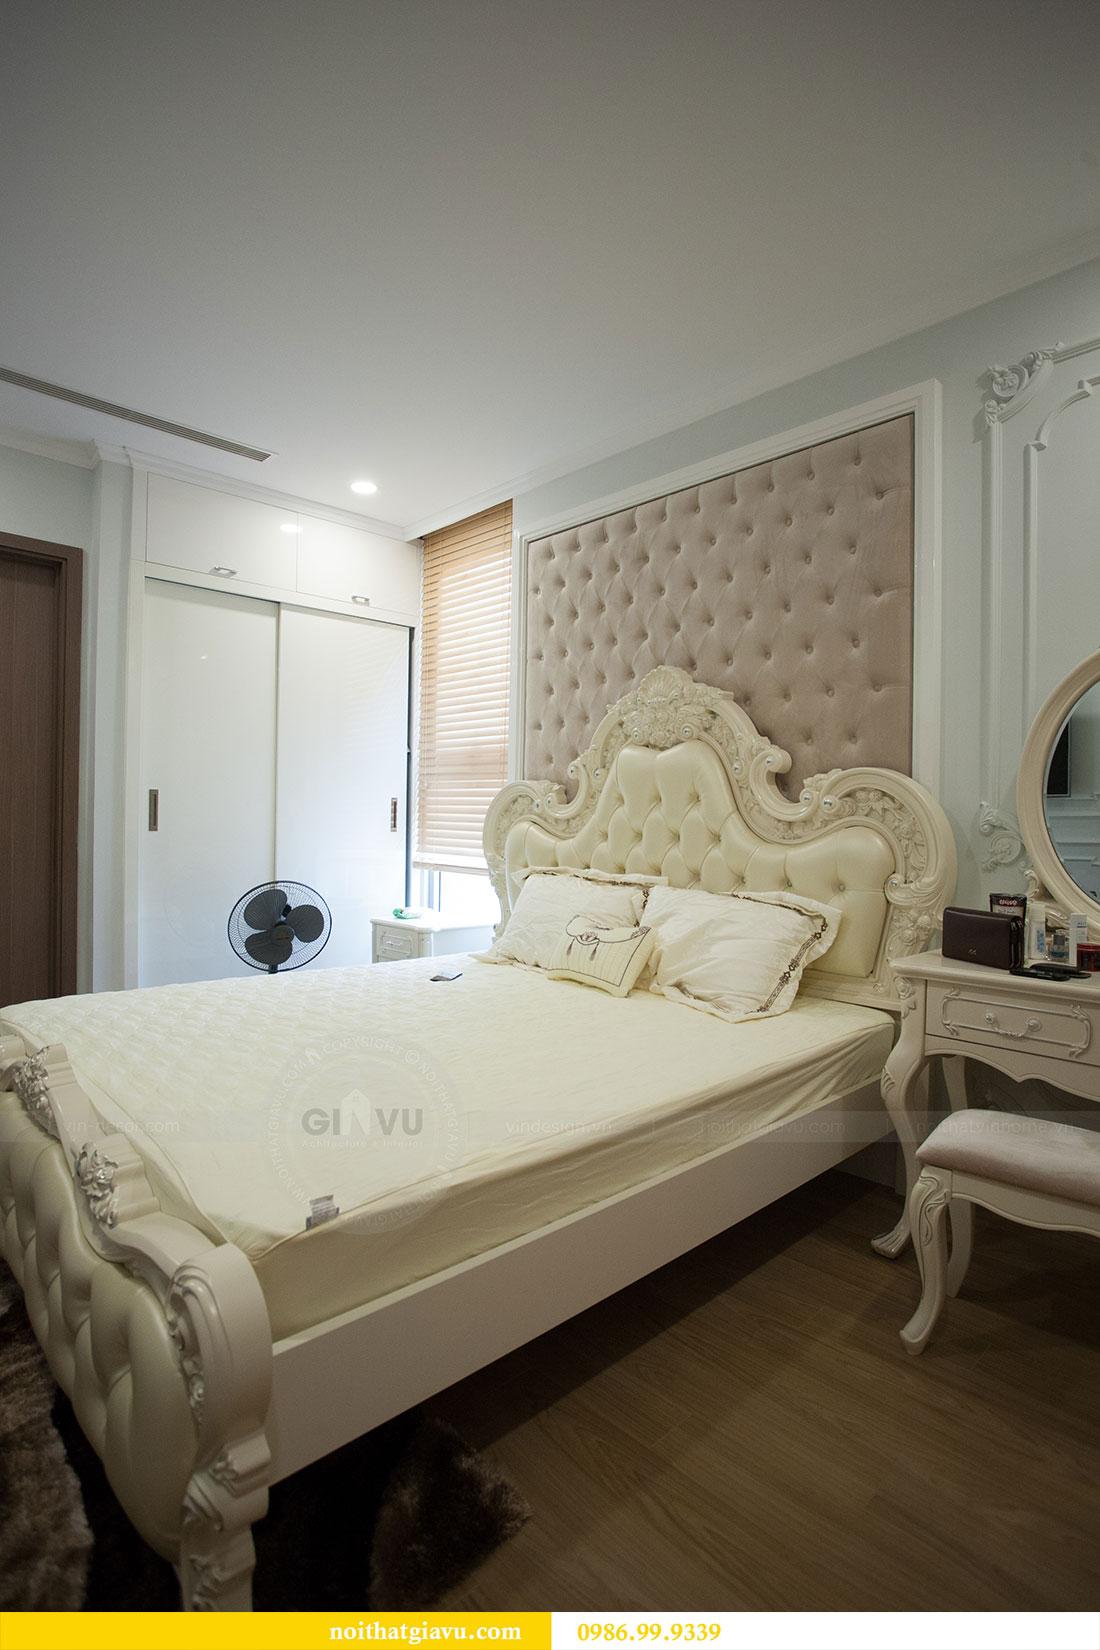 Hoàn thiện nội thất chung cư Vinhomes Gardenia tòa A2 nhà anh Tuấn 8